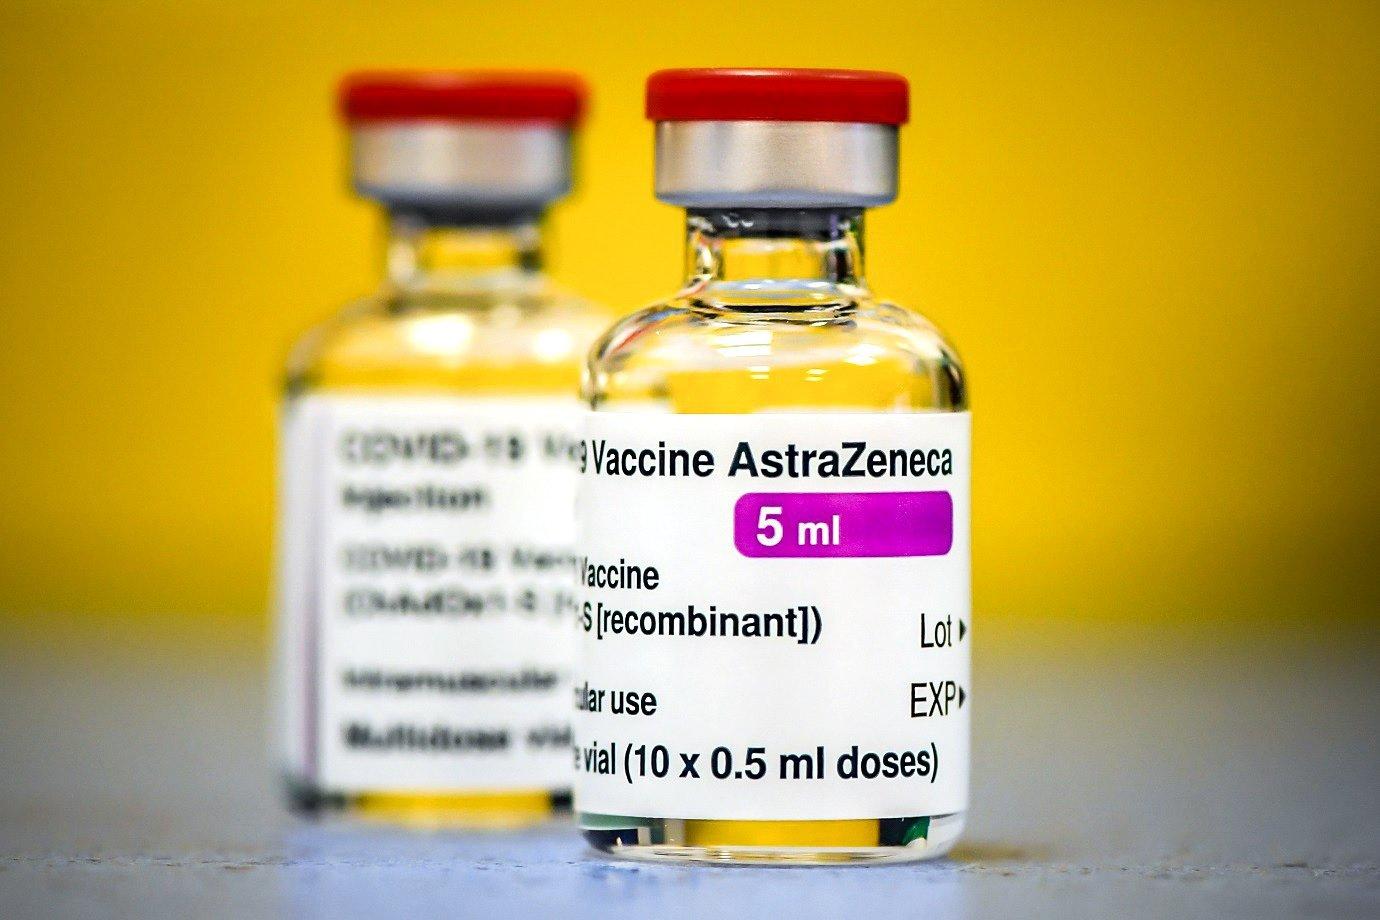 Vacina AstraZeneca e fiocruz